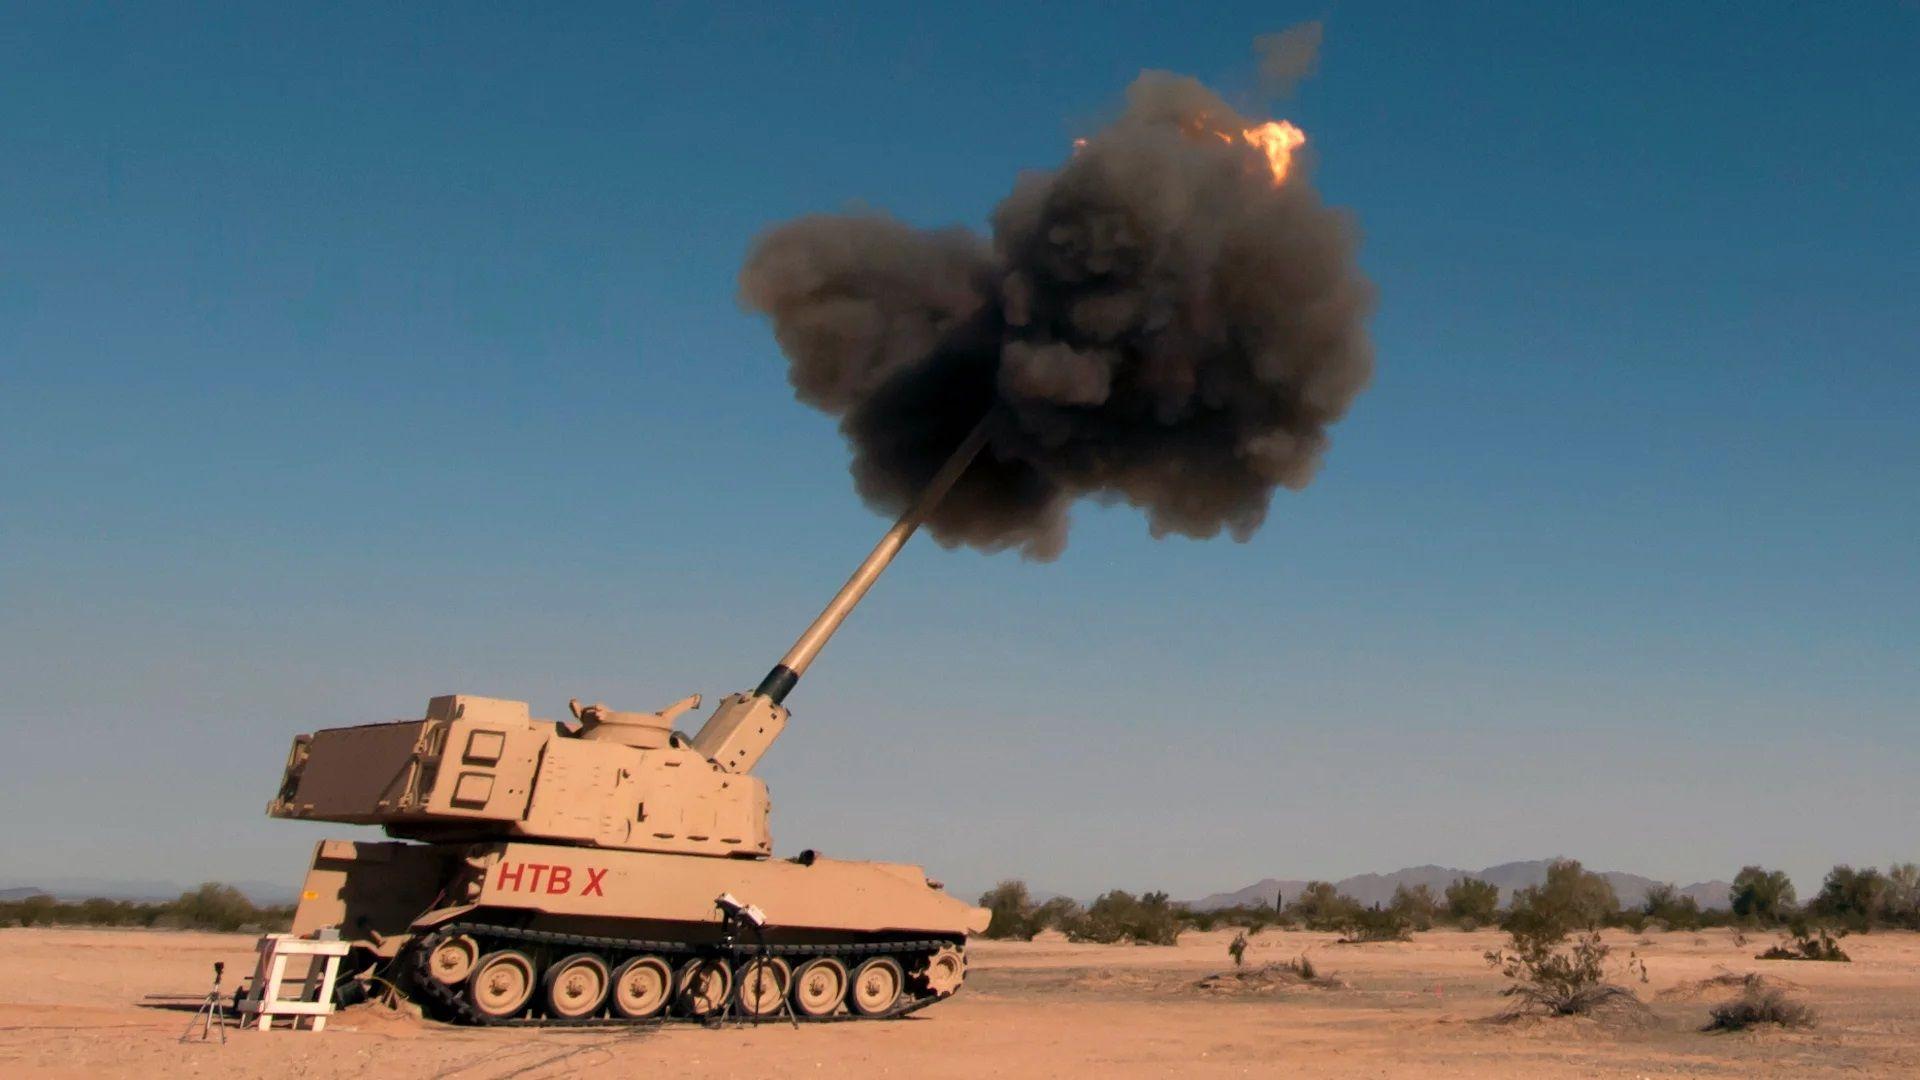 САЩ официално разполага с най-далекобойната артилерия